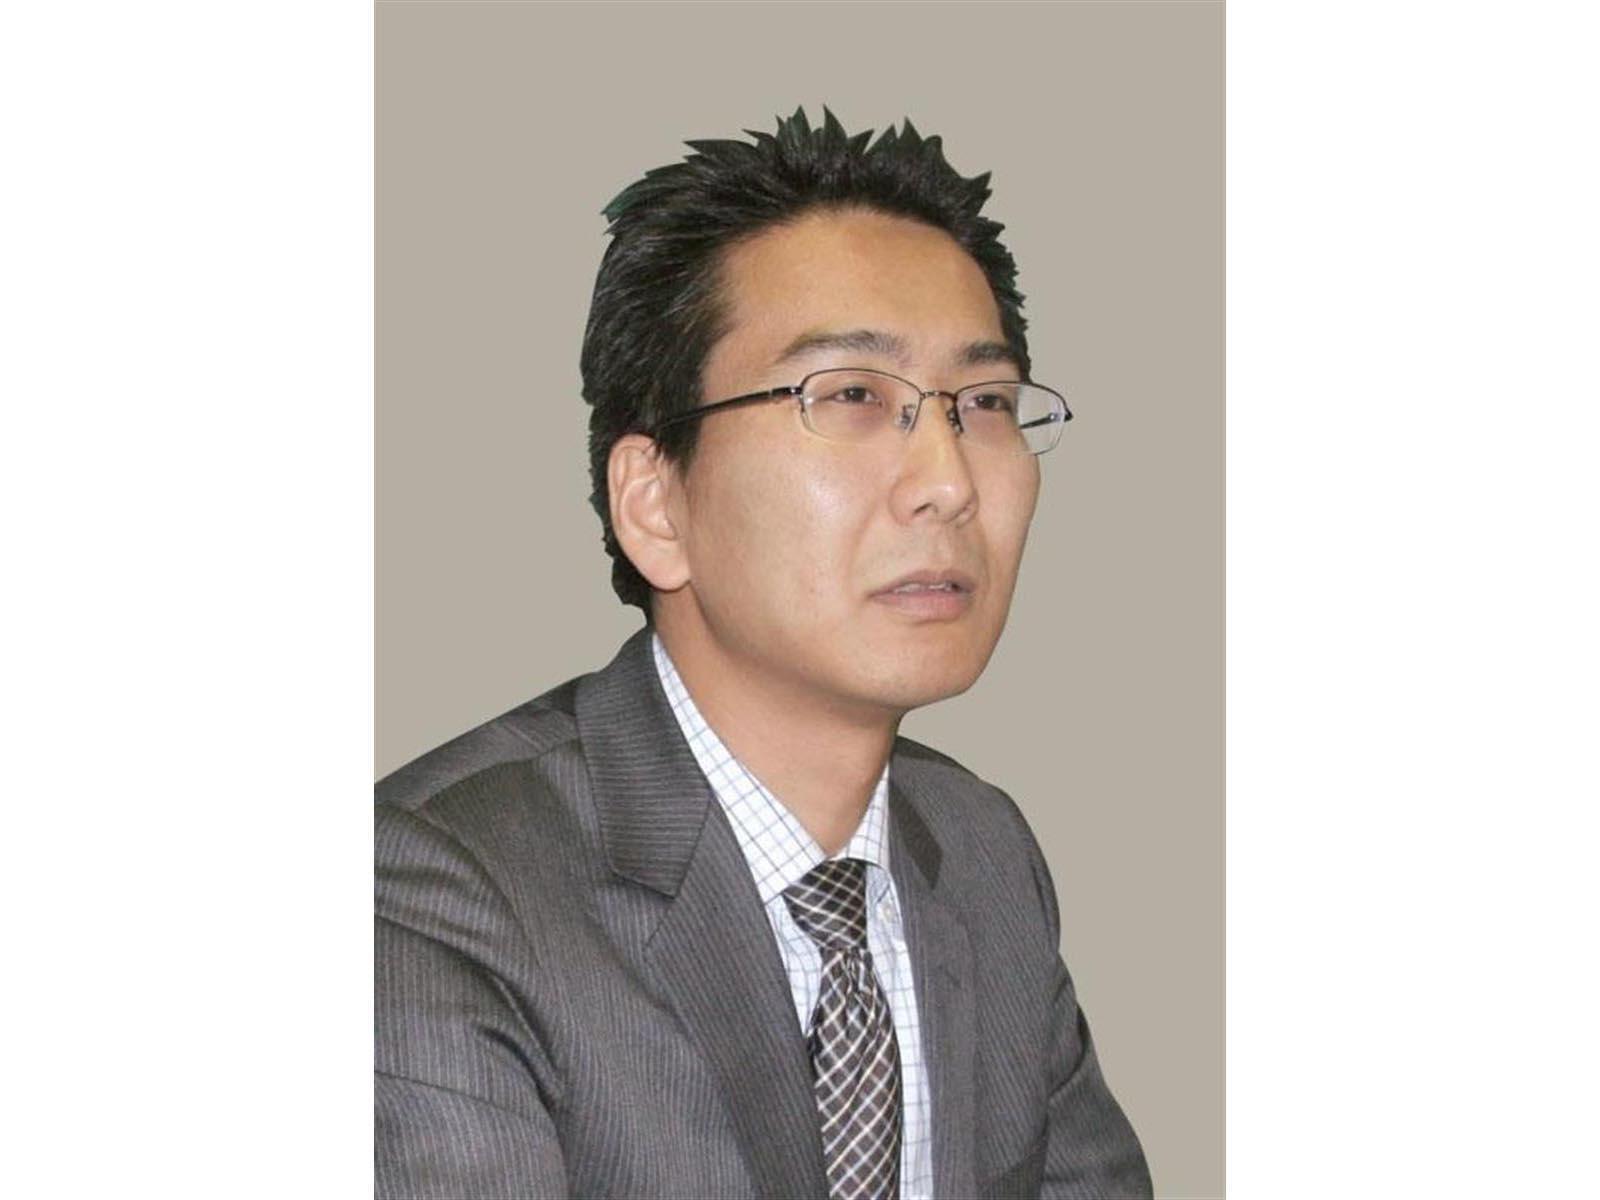 日本人ジャーナリスト北角さん解放 ミャンマーから帰国の途へ